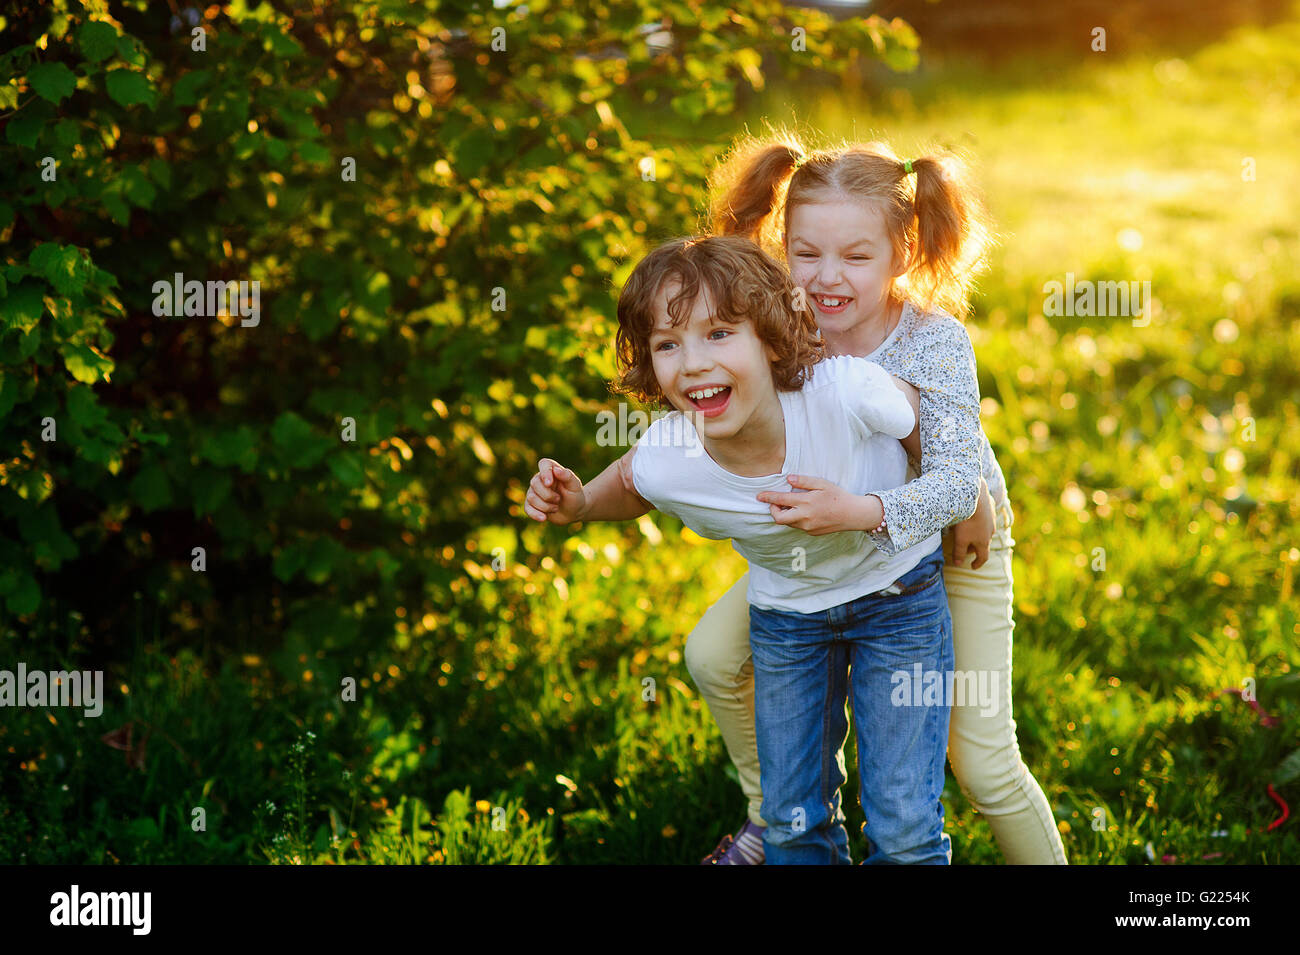 Blonder Junge und Mädchen spielen park Stockbild